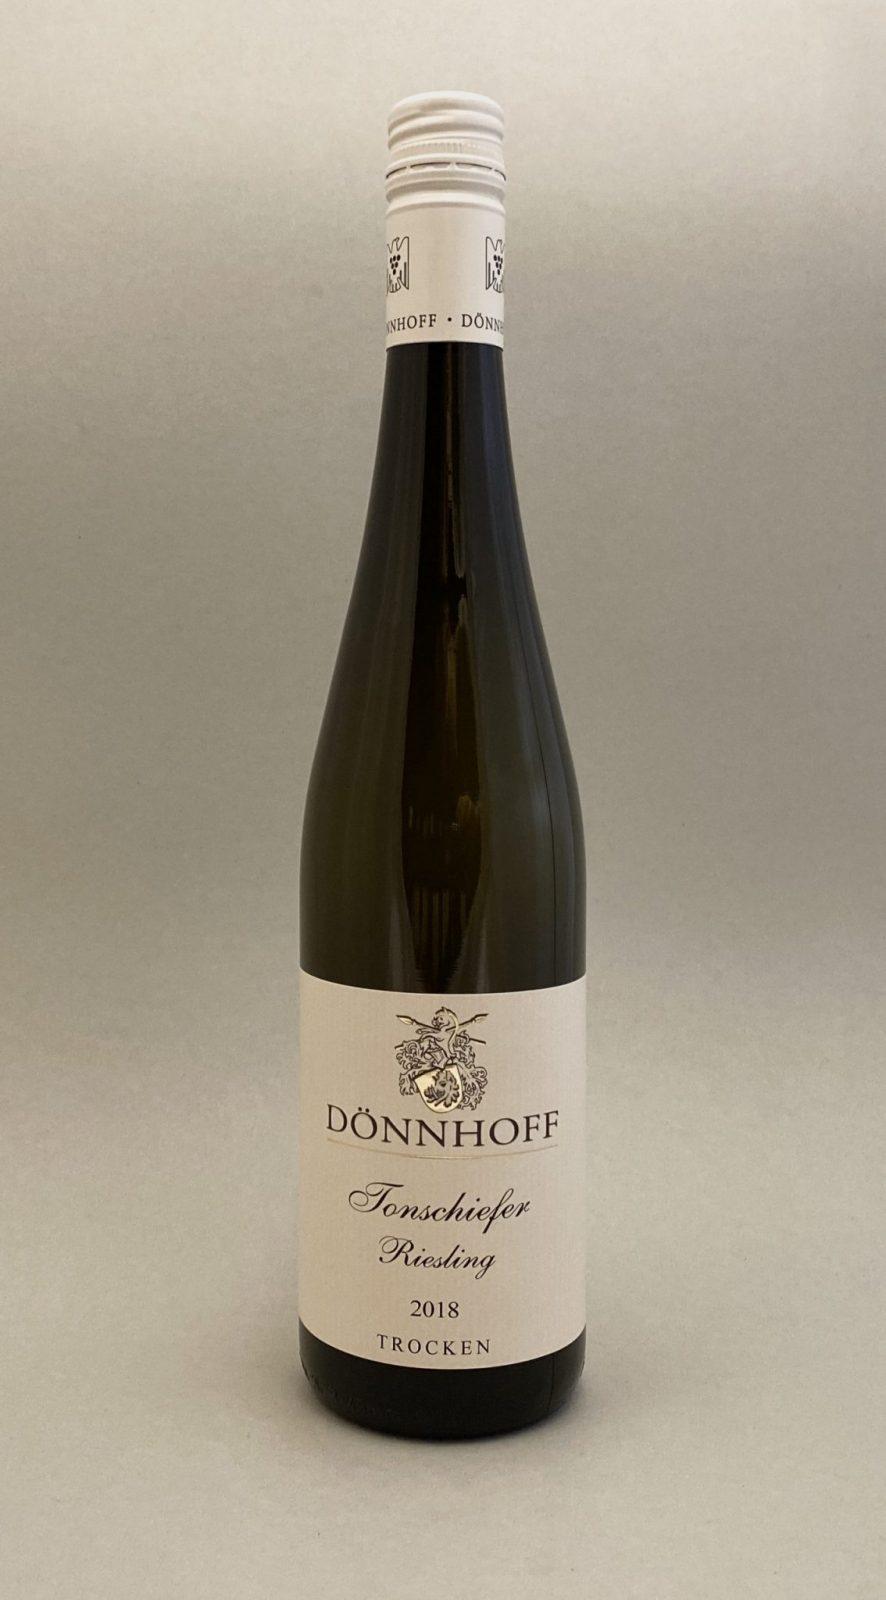 DONNHOFF Tonschiefer Riesling 2018, vinoteka Sunny wines slnecnice mesto, Bratislava petrzalka, vino biele z Nemecka